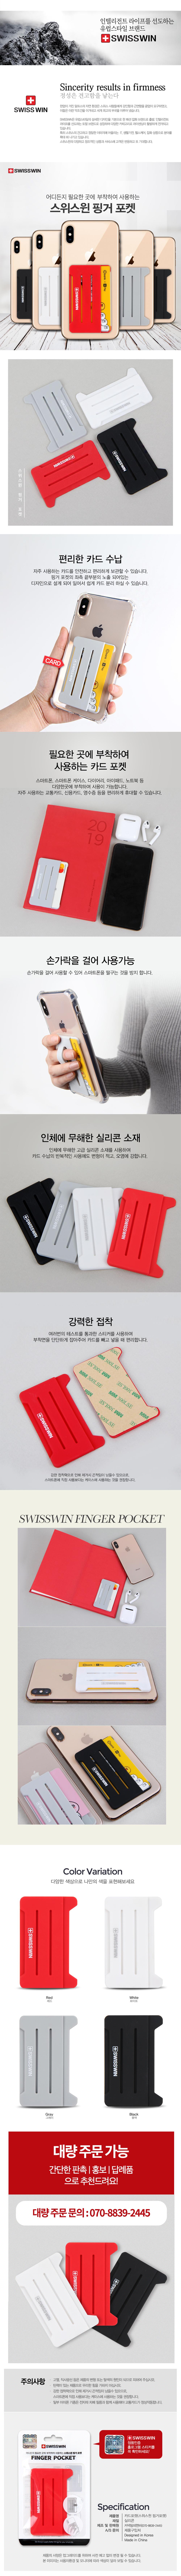 스위스윈 핑거 카드포켓 아이폰 아이패드 갤럭시 노트10 10플러스 5G - 커넥팅피앤비, 2,500원, 케이스, 갤럭시S9/S9플러스